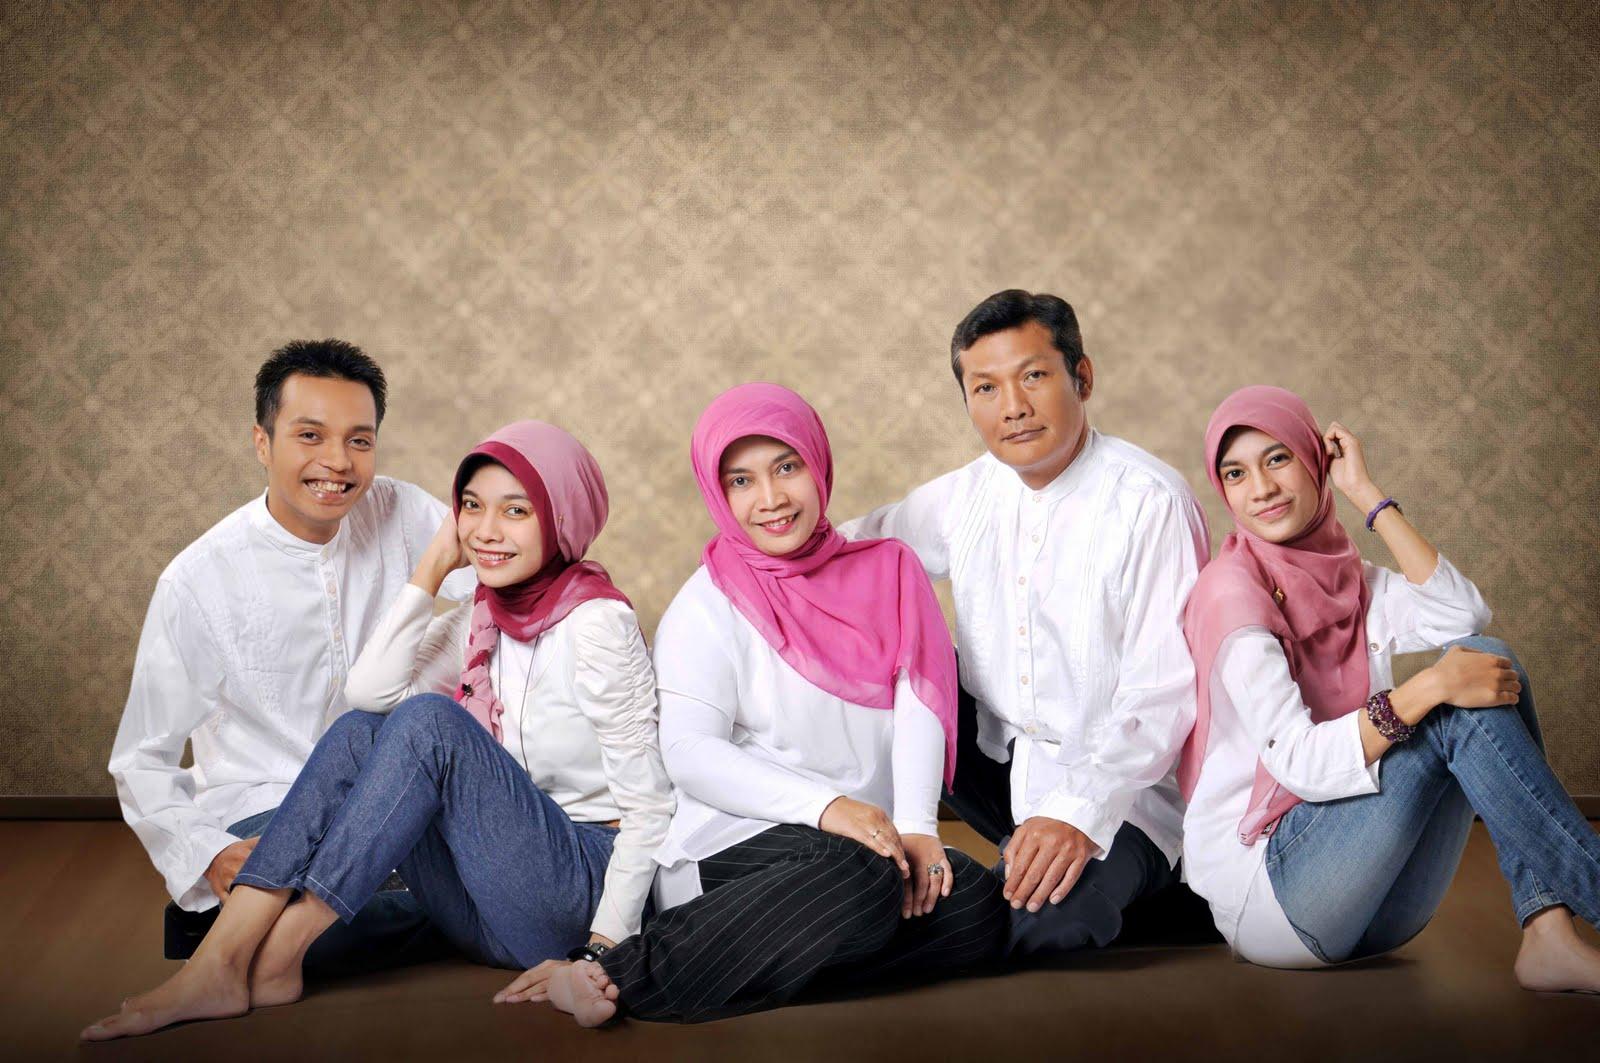 foto wisuda keluarga studio